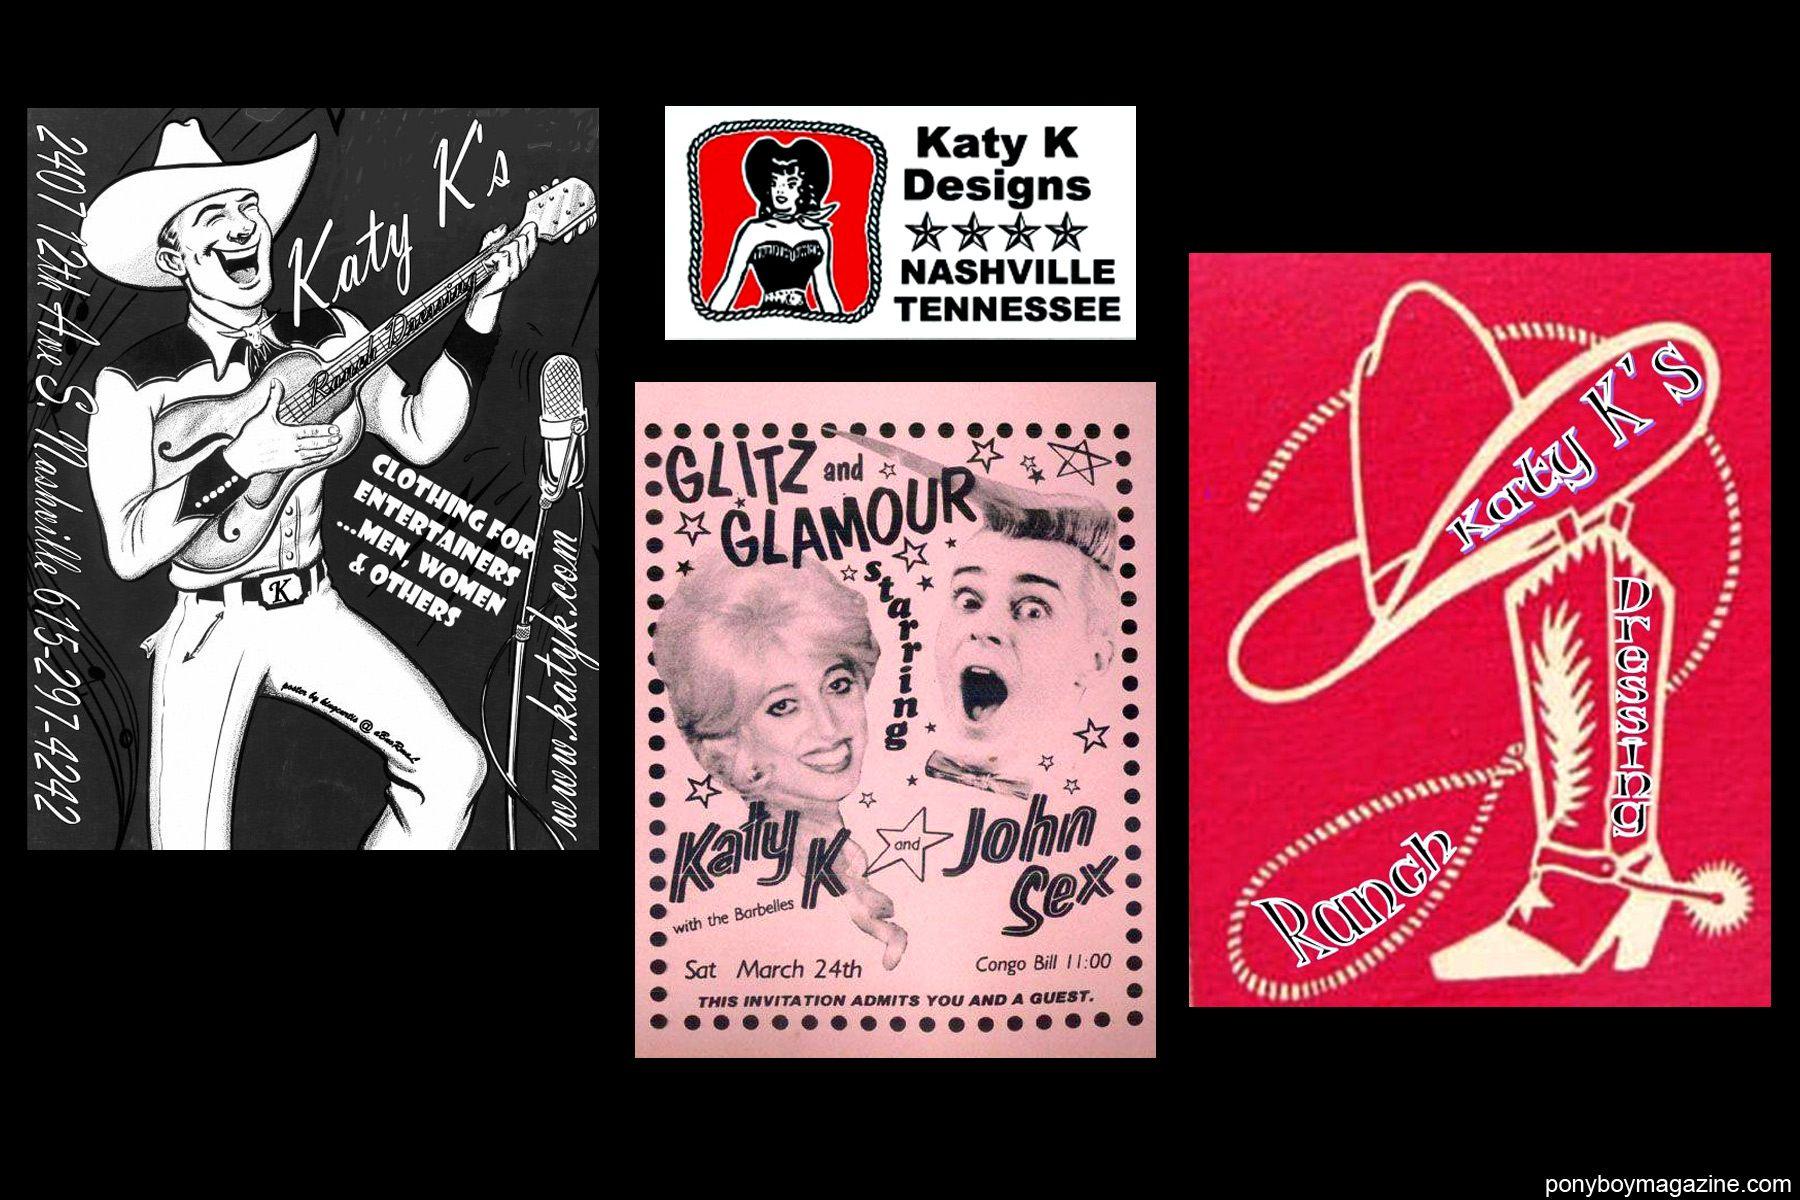 Old nightclub flyers of Katy K's performances for Ponyboy Magazine.